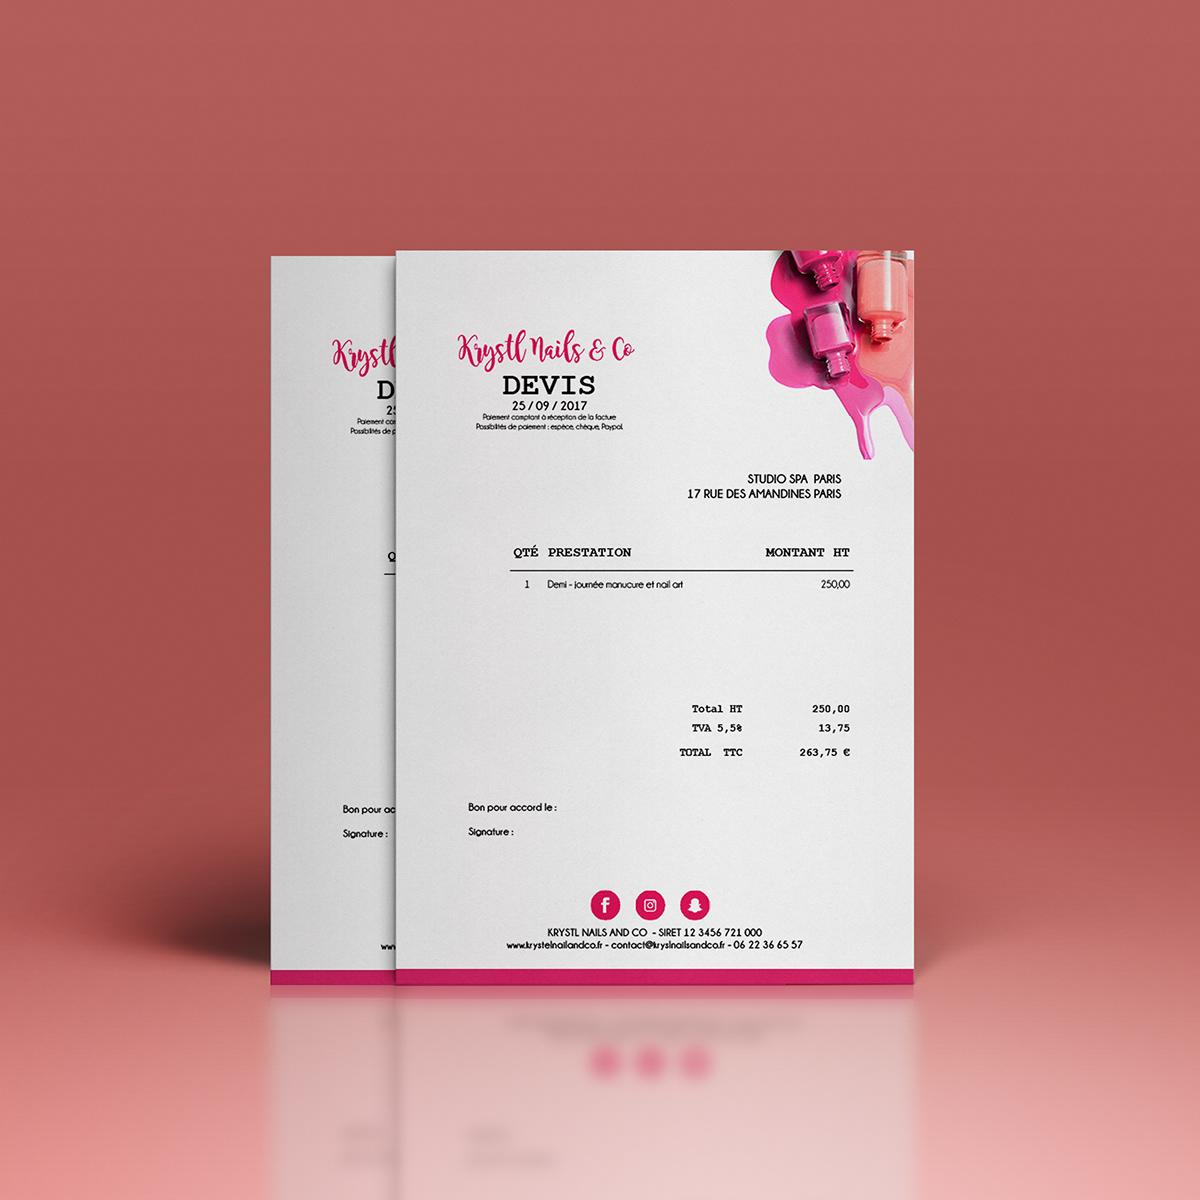 Creation De Carte Visite Presentation Numerique Des Tarifs Mise En Page Lettre Type Facture Et Devis Pour Le Compte Krystl Nails Co